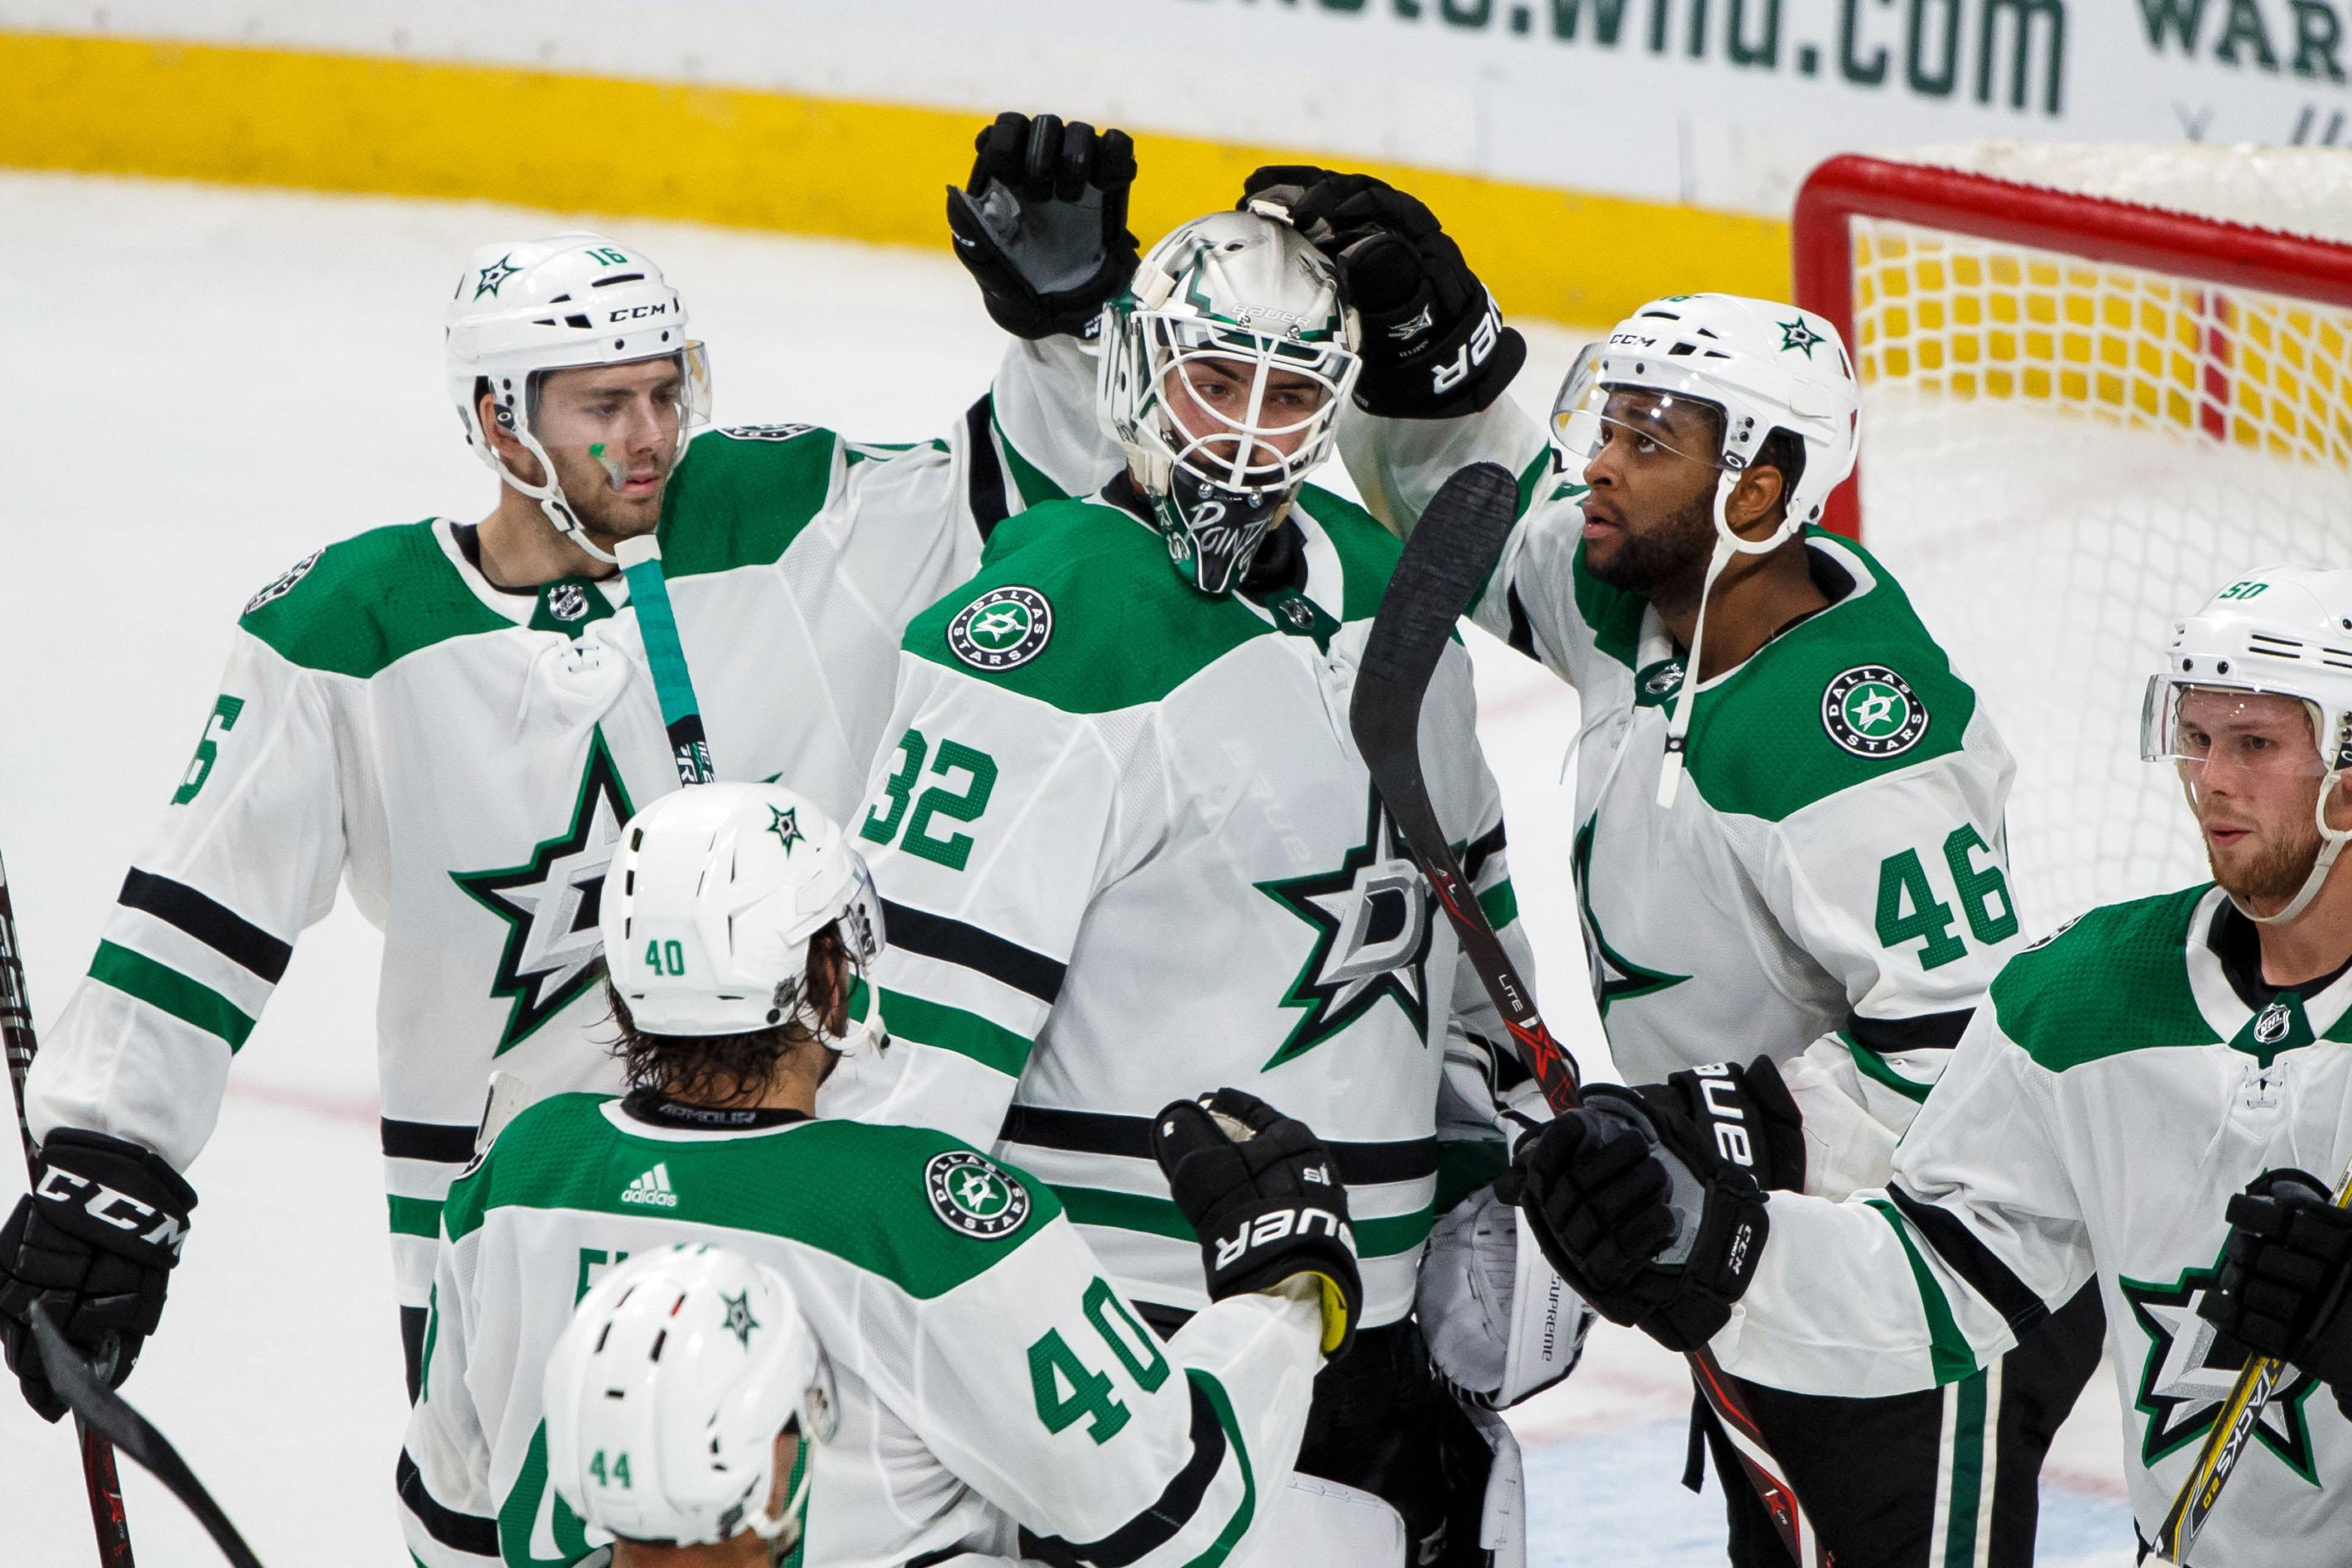 NHL: Preseason-Dallas Stars at Minnesota Wild